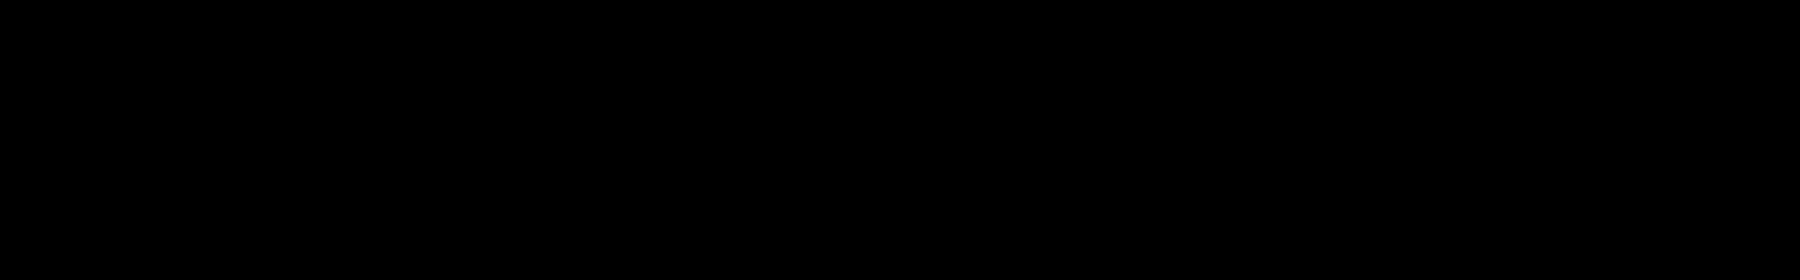 Malibu audio waveform